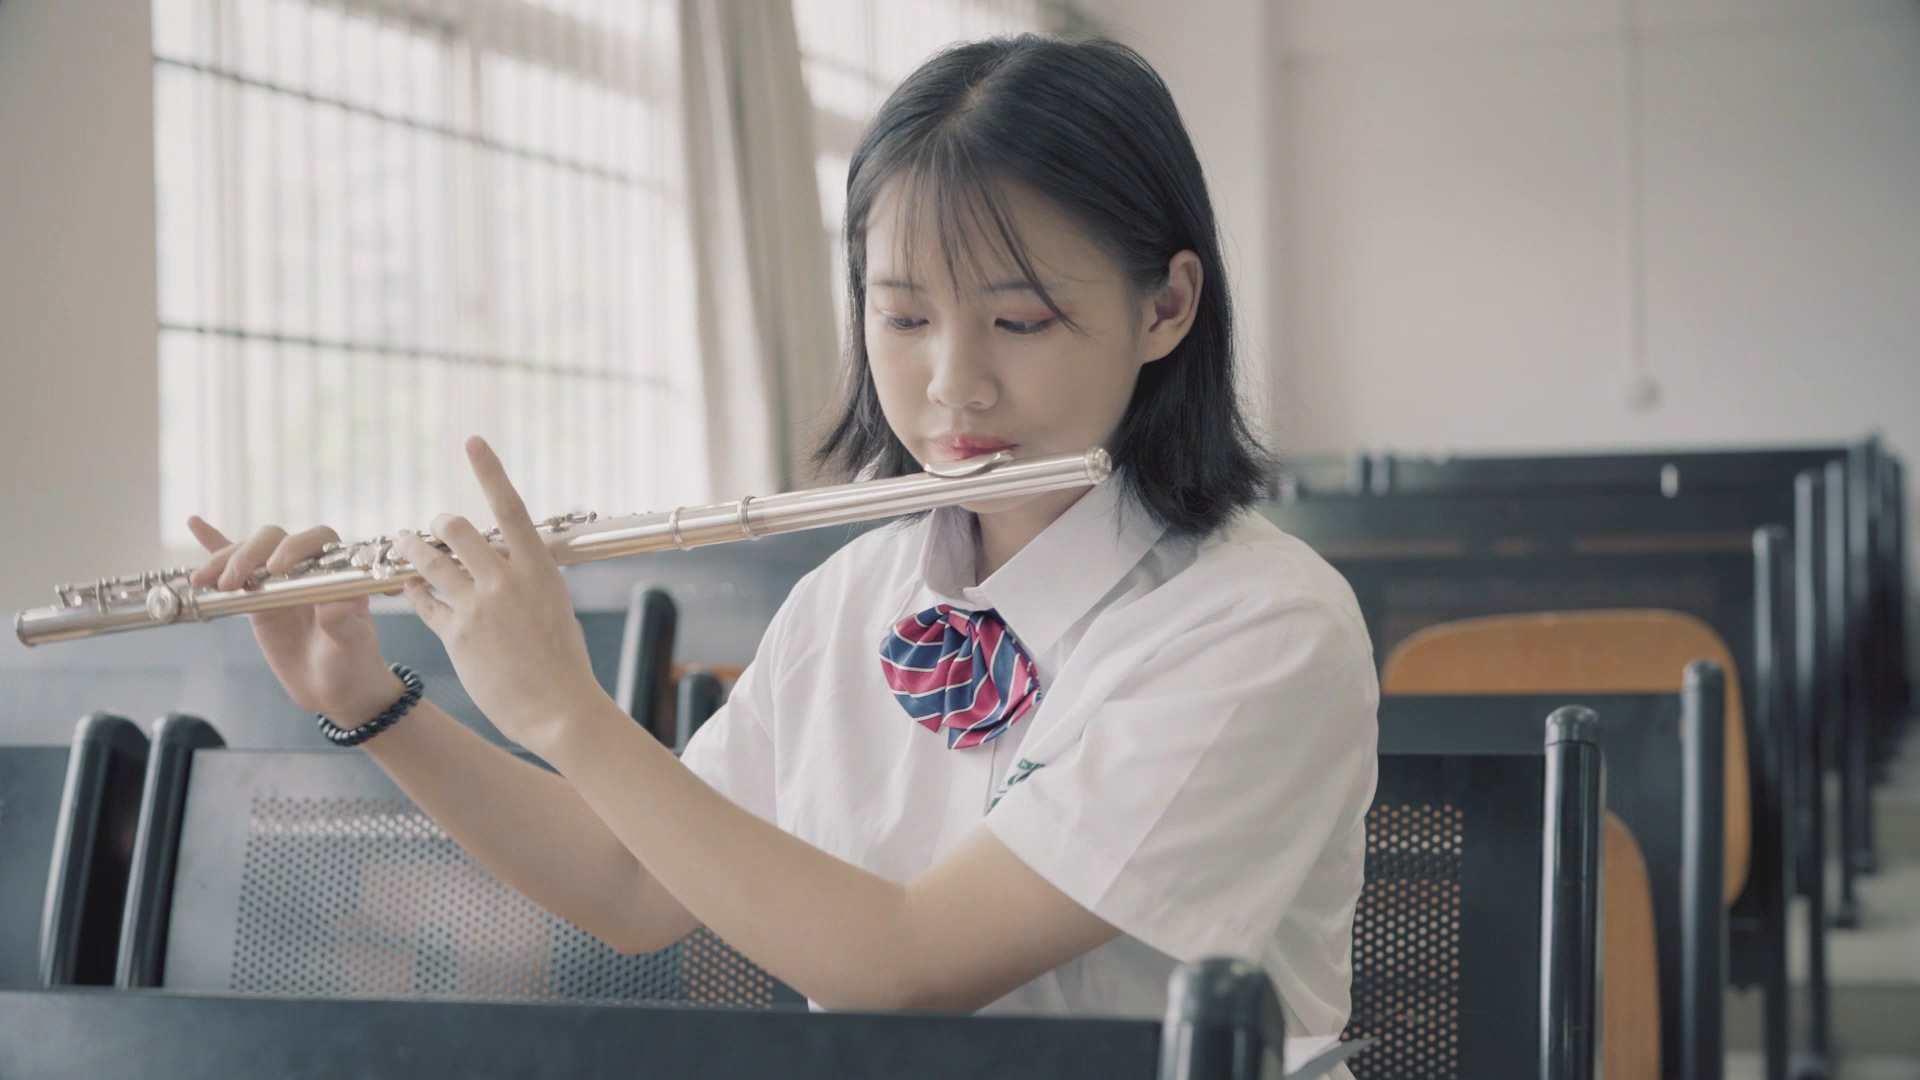 广州宣传片制作公司报价,标准的收费有哪些?